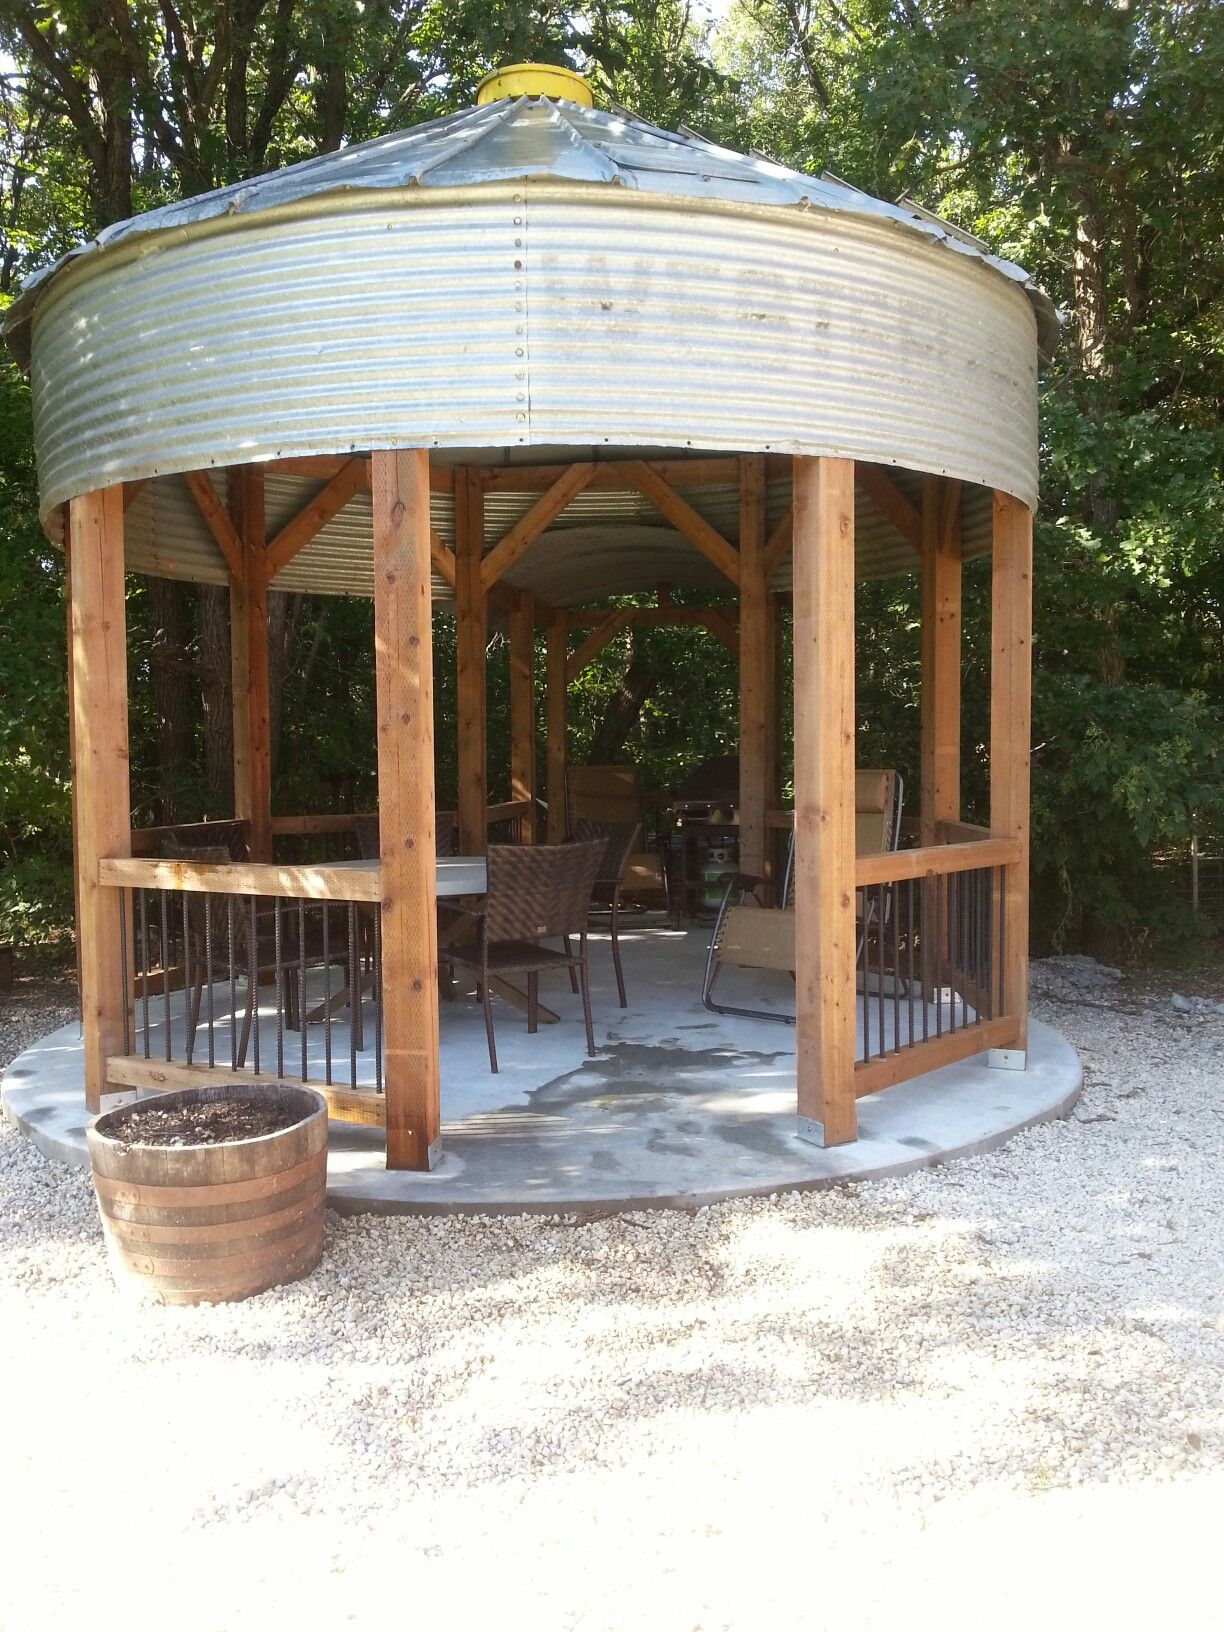 Rebar Grain Bin Gazebo We Finished Ours Last Week Looks